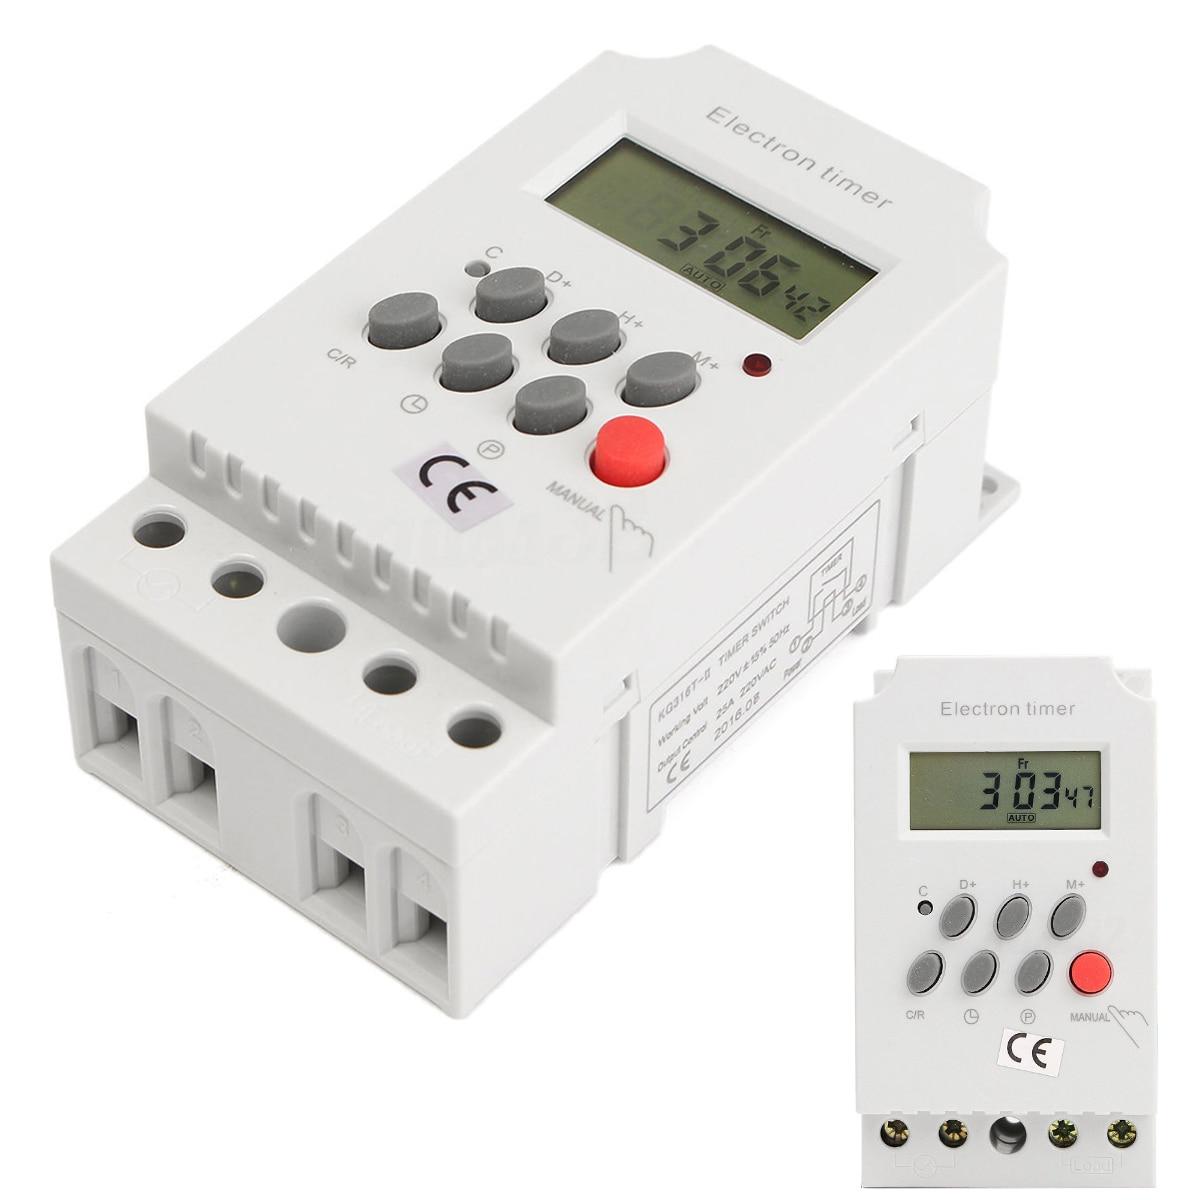 1 Stück Ac 220 V 25a Elektronische Zeitschaltuhr Din-schiene Digital Programmierbare Elektronische Zeitschaltuhr Kg316t-ii Ausreichende Versorgung